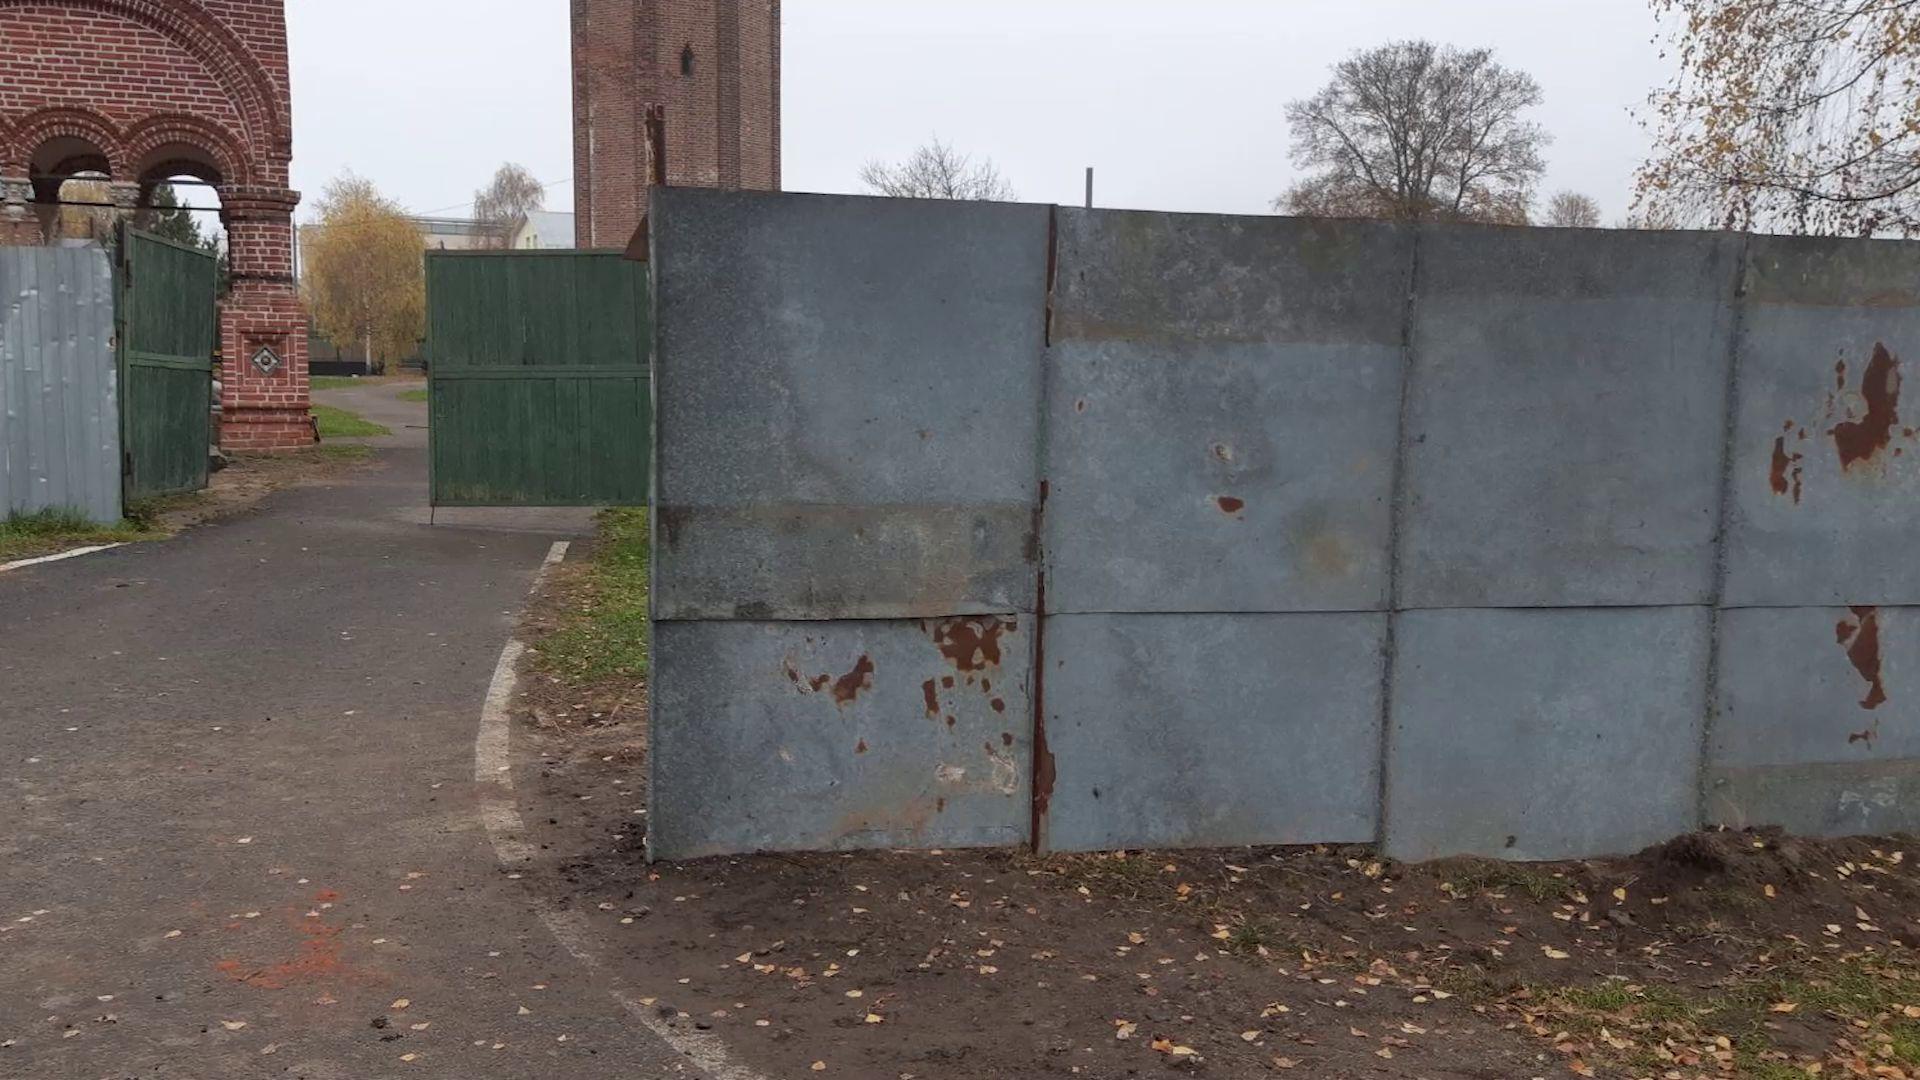 Ярославцы пожаловались на некрасивый забор около церкви Иоанна Златоуста